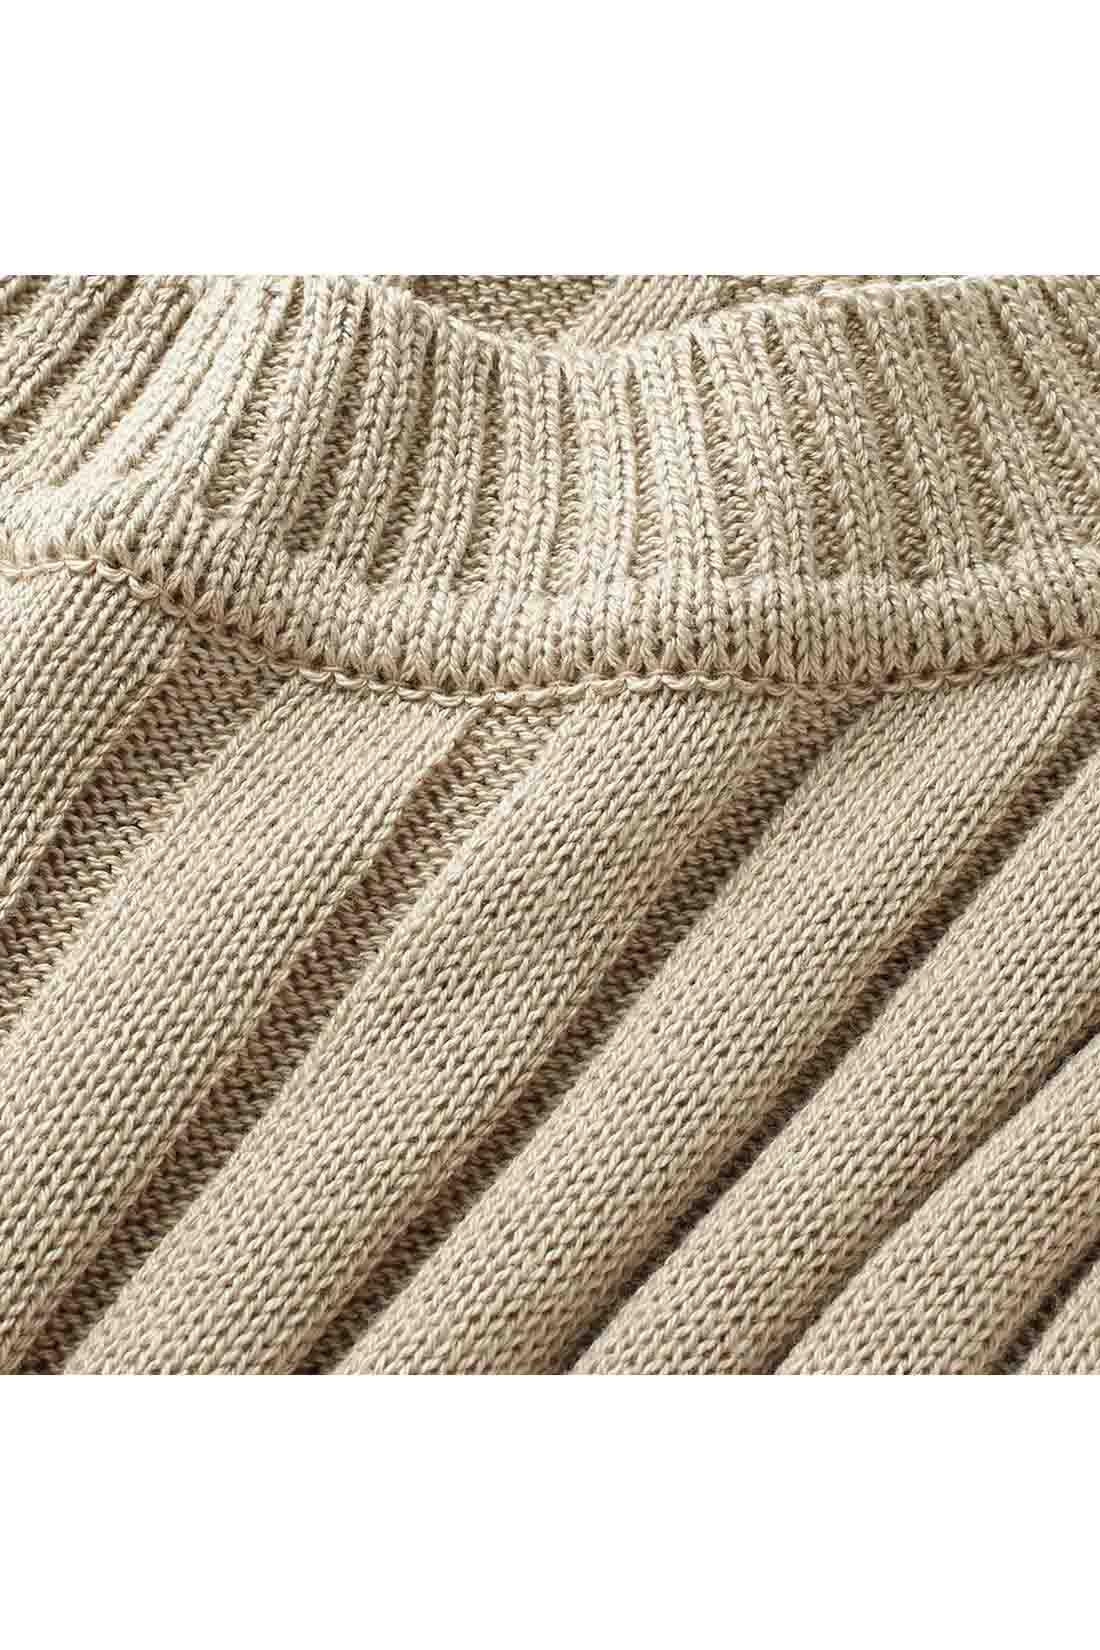 7ゲージでざっくりと編み上げたリブが大人顔。